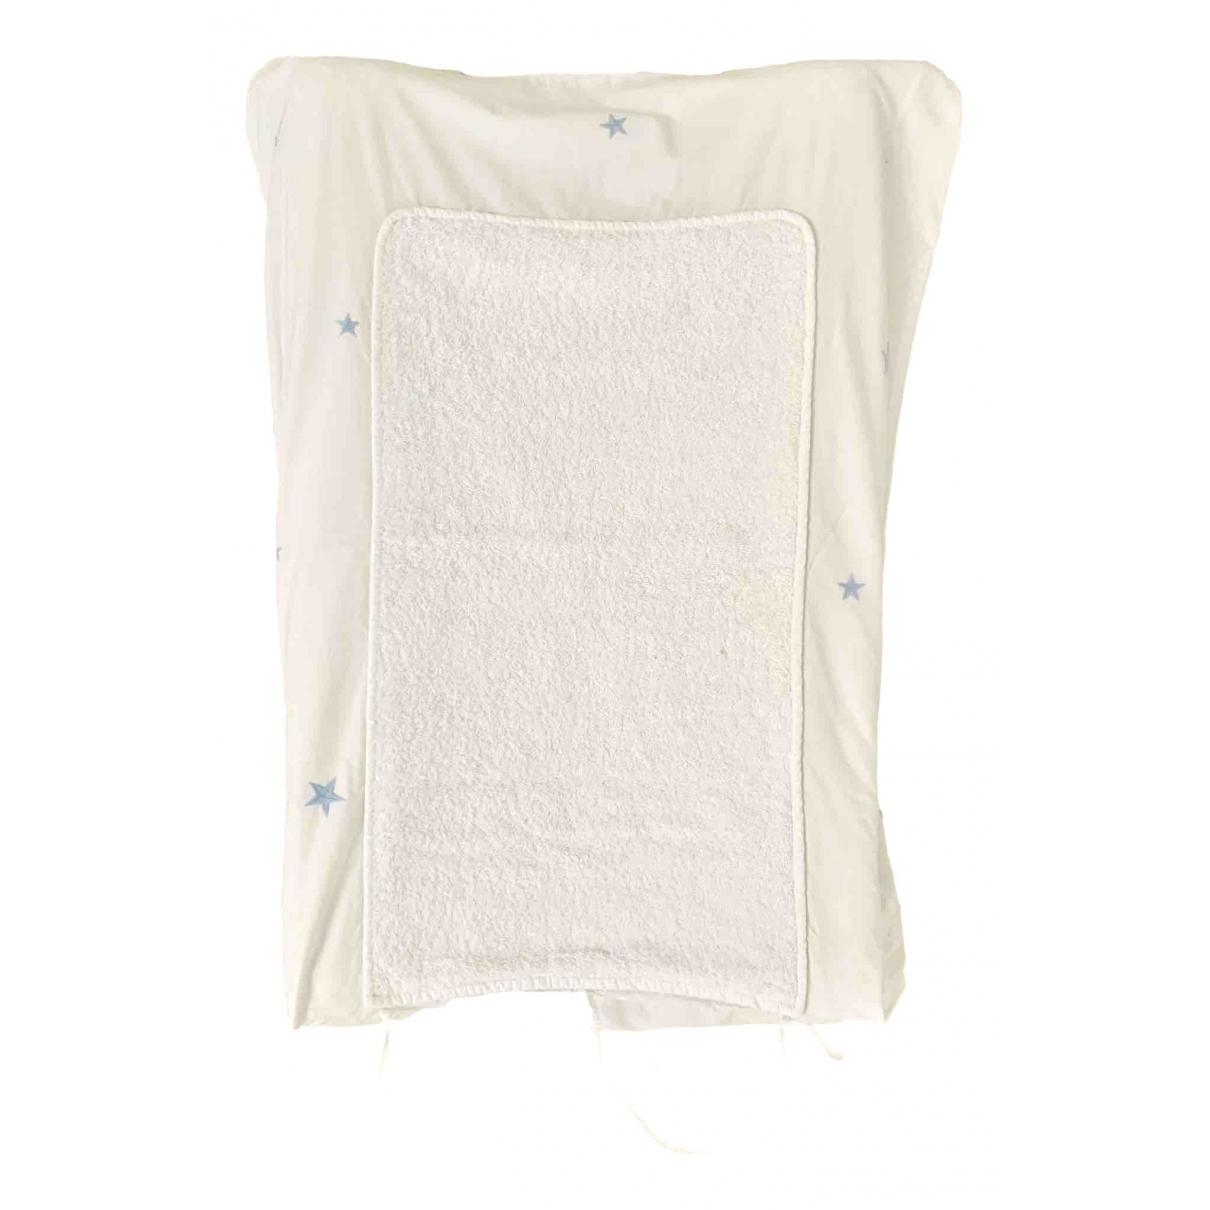 Baudou - Sac   pour enfant en coton - blanc